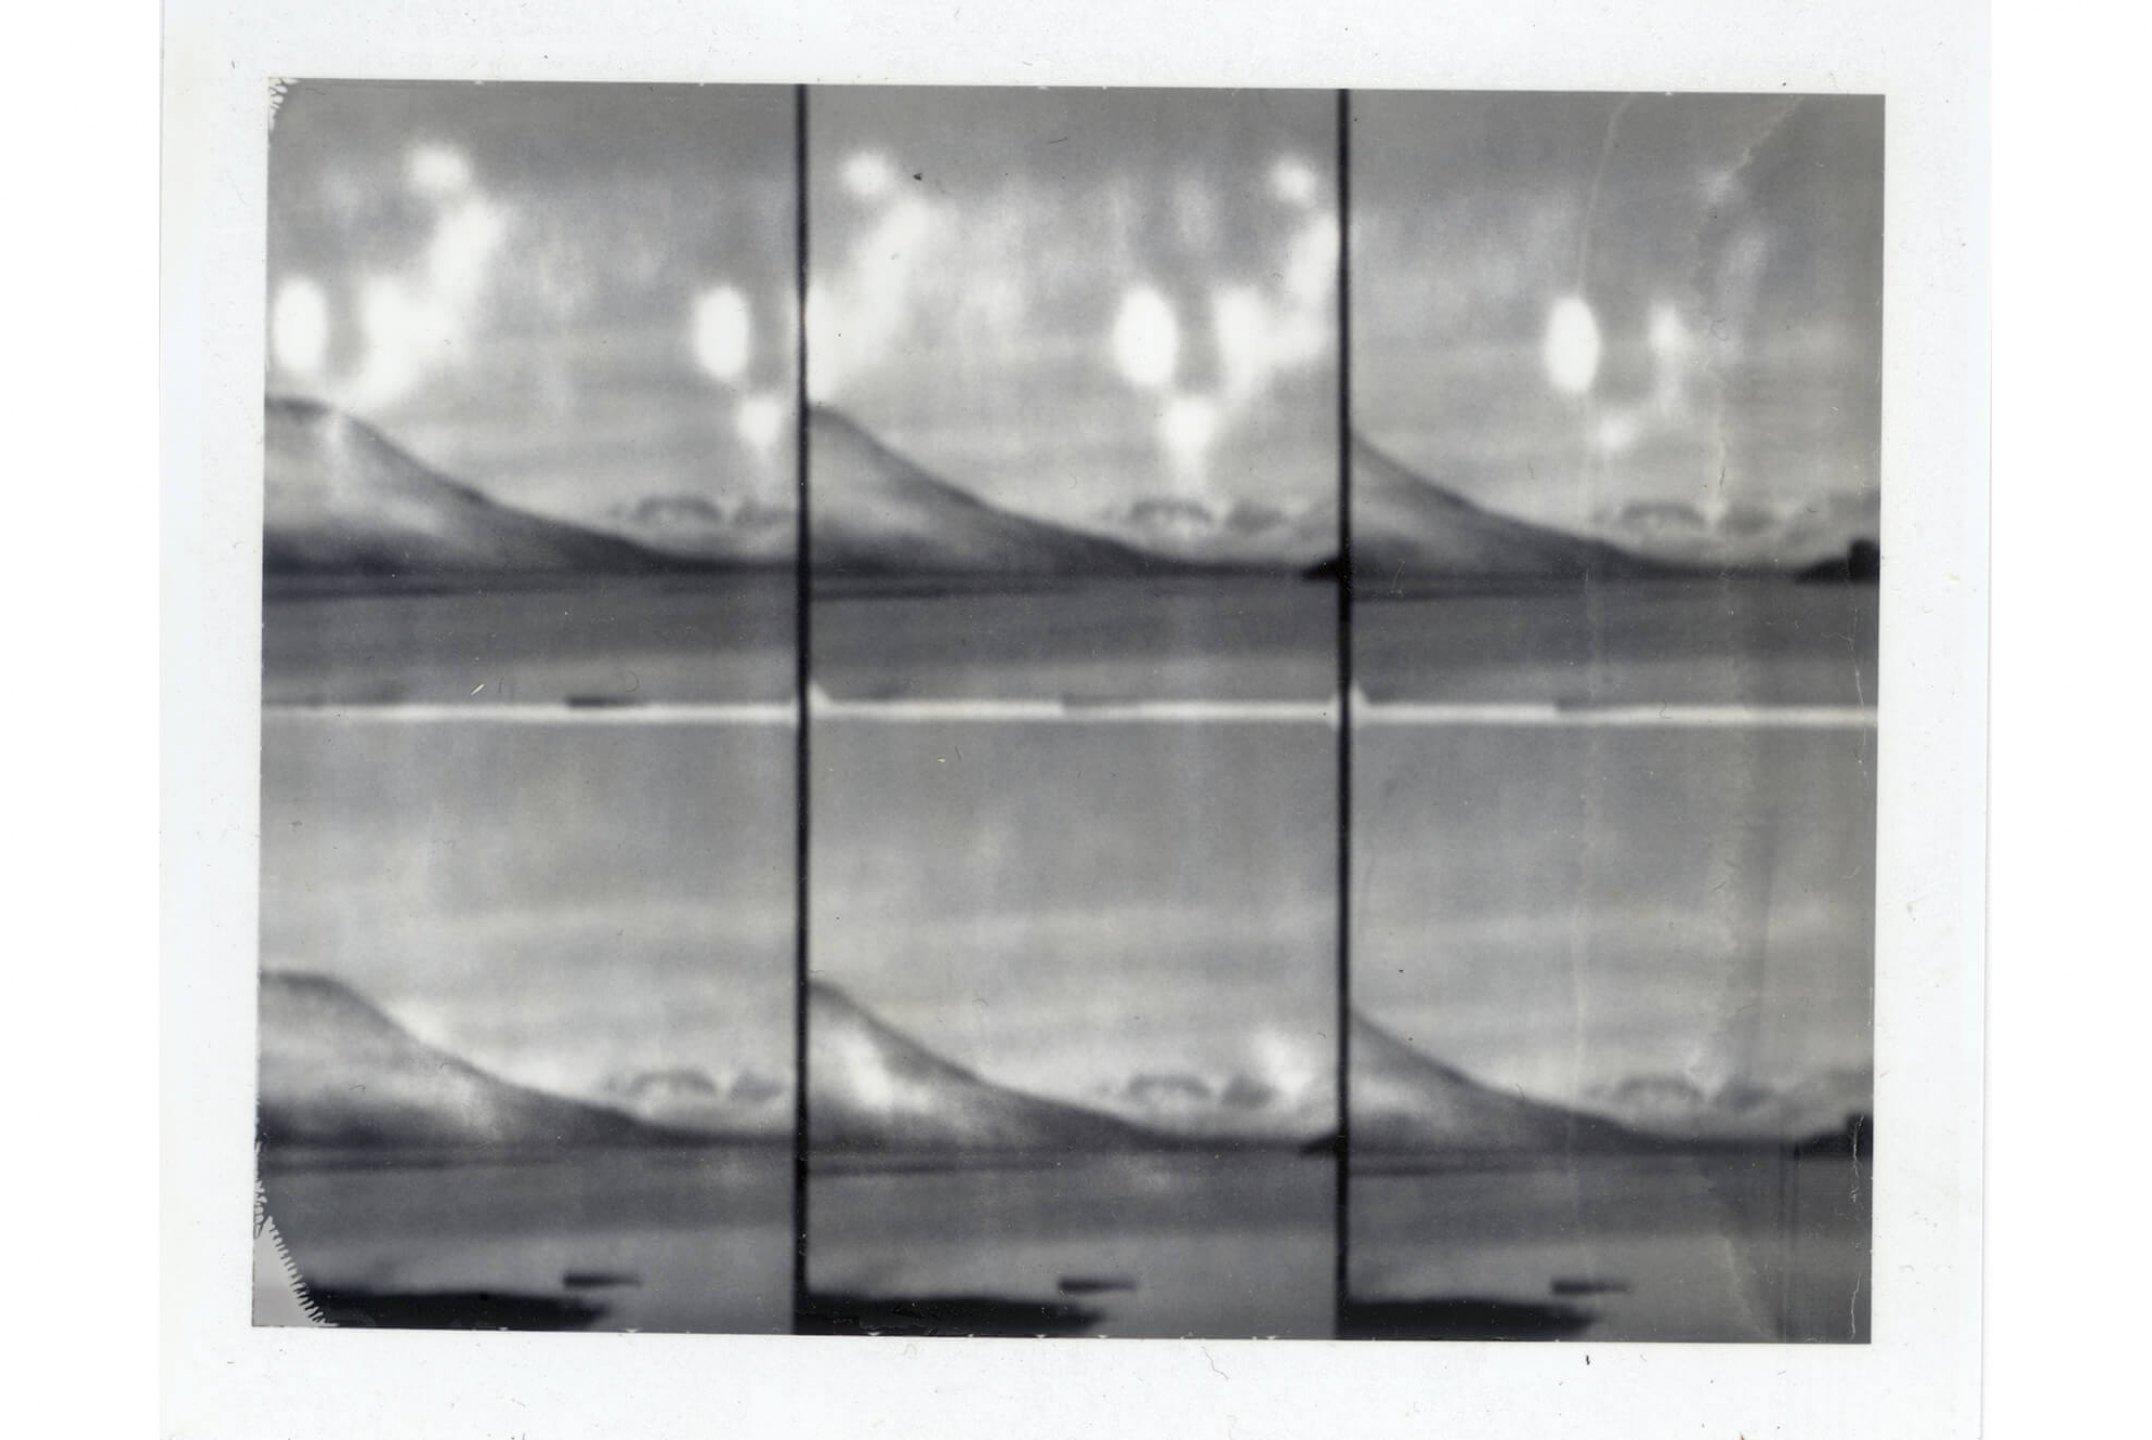 Leticia Ramos, <em>Paleolítico I,</em> 2012, polaroid photography, 10,5 × 8,5 cm - Mendes Wood DM